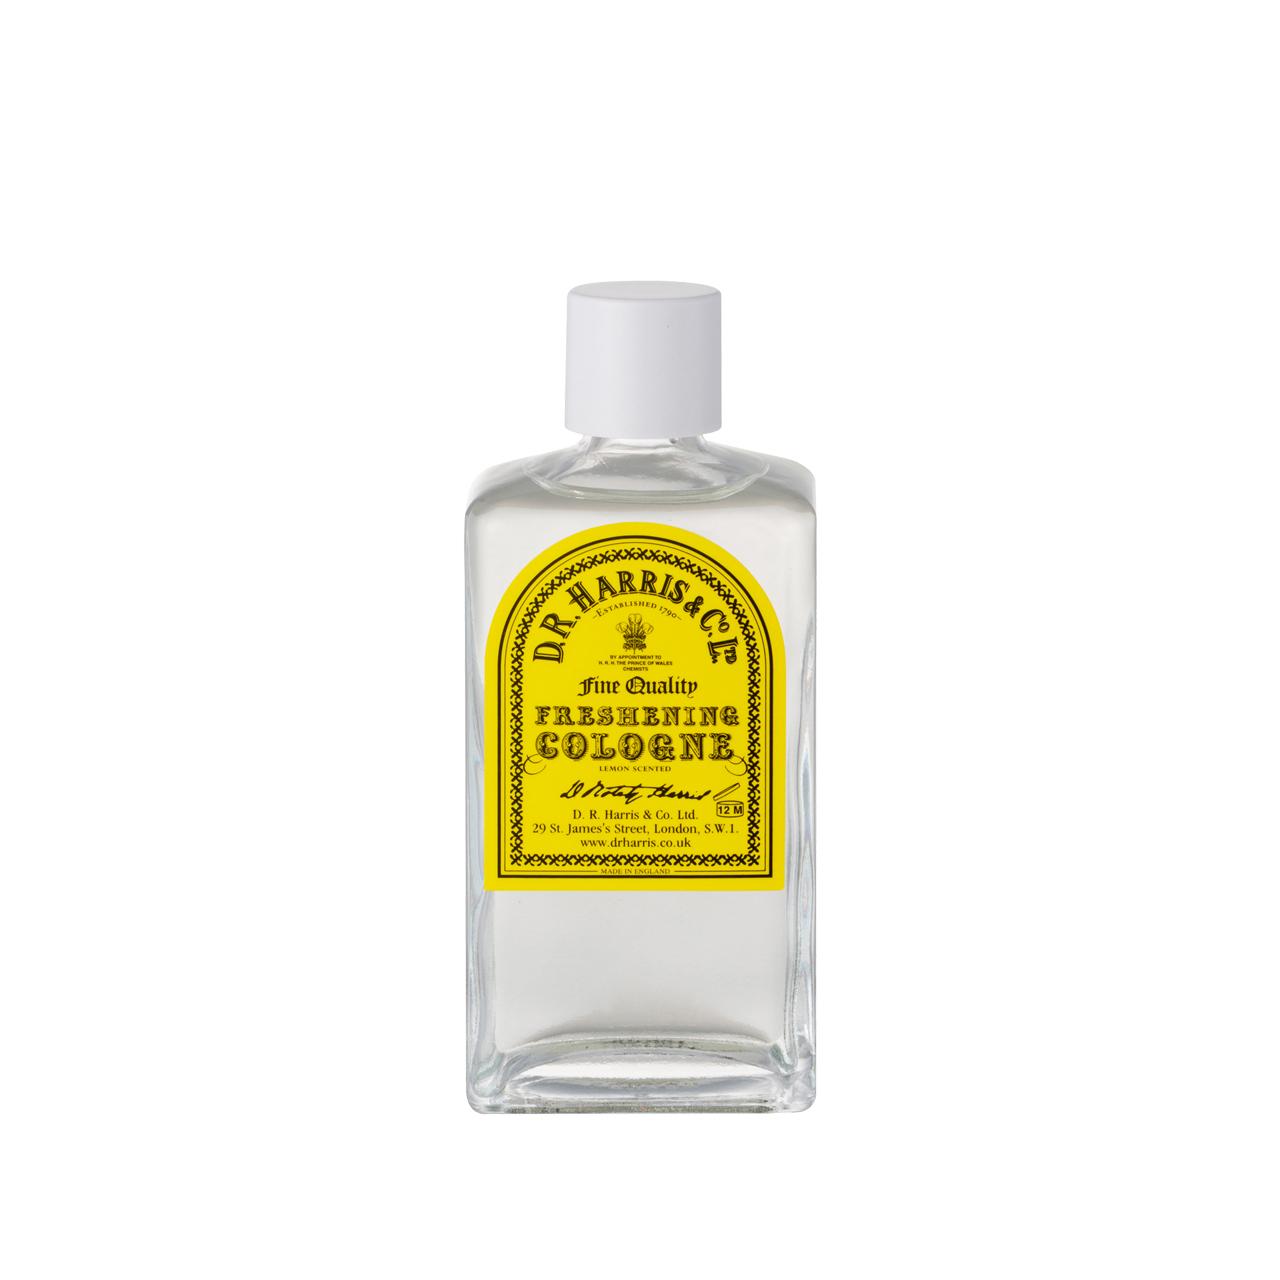 Freshening Lemon - Eau de Cologne